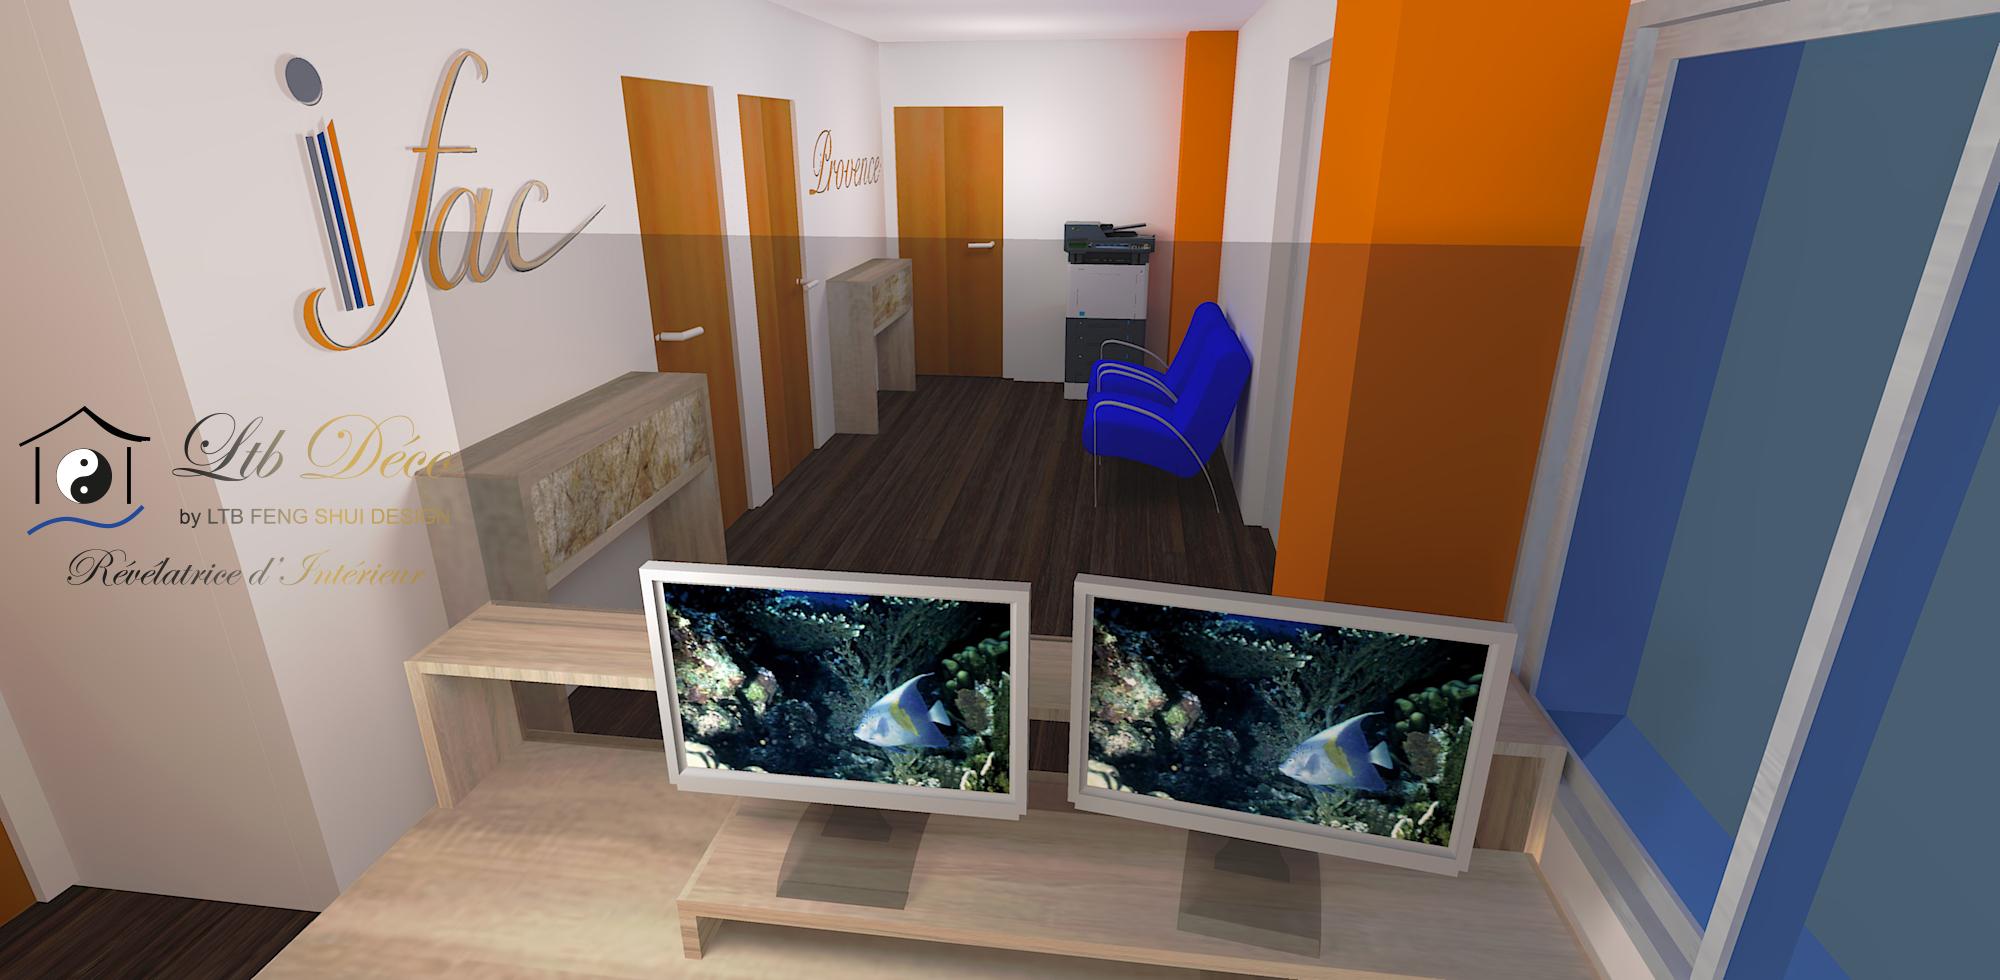 Visuel 3D présentation du projet